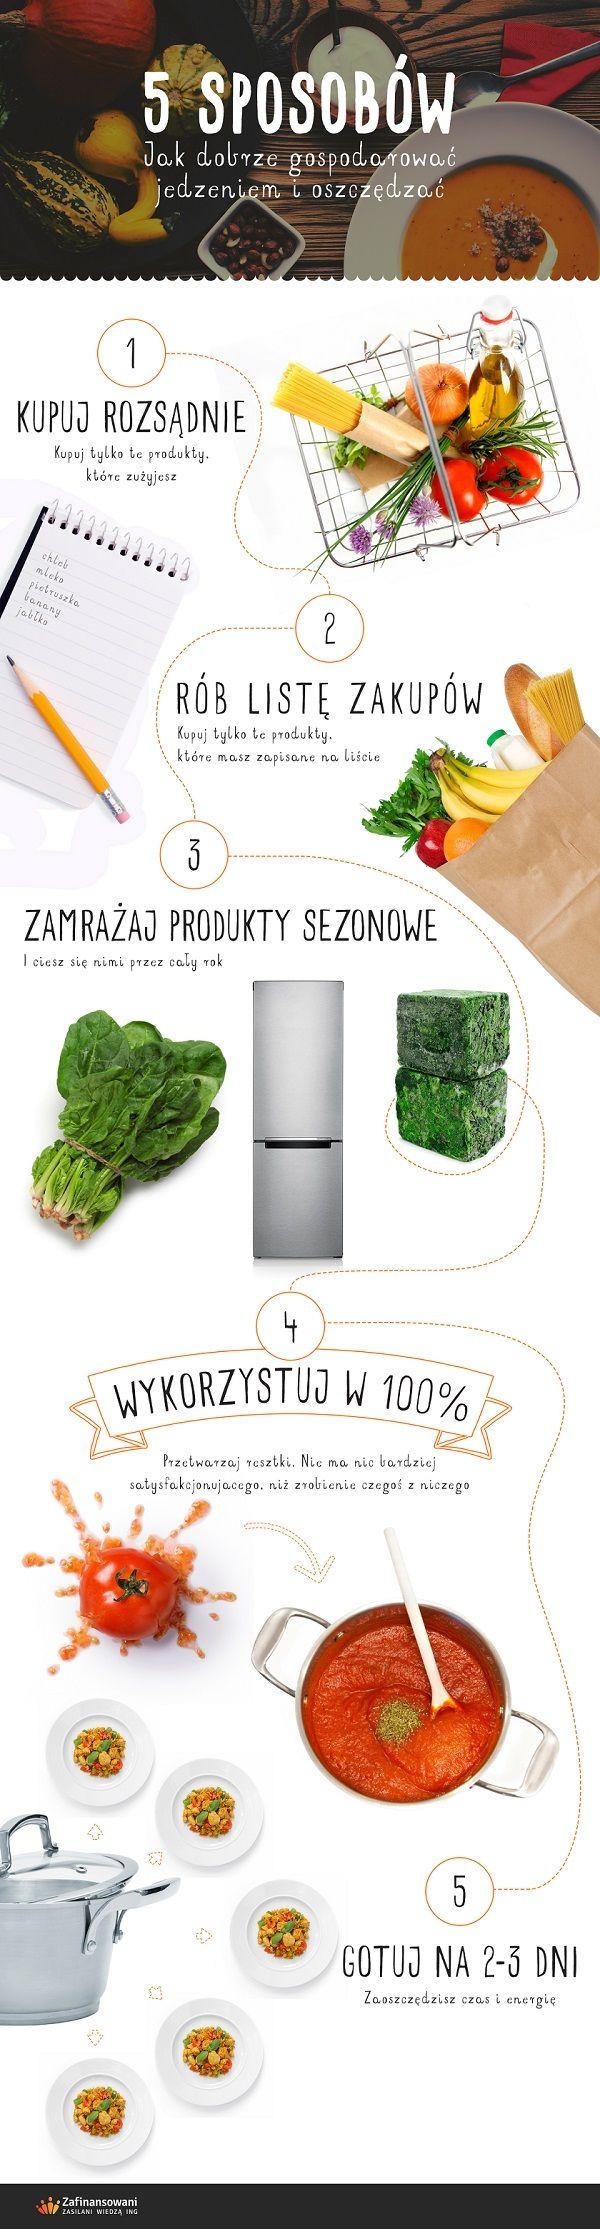 5 sposobów jak gospodarować jedzeniem - infografika ; rób listę zakupów; zamrażaj produkty sezonowe; przetwarzaj resztki; gotuj na kilka dni